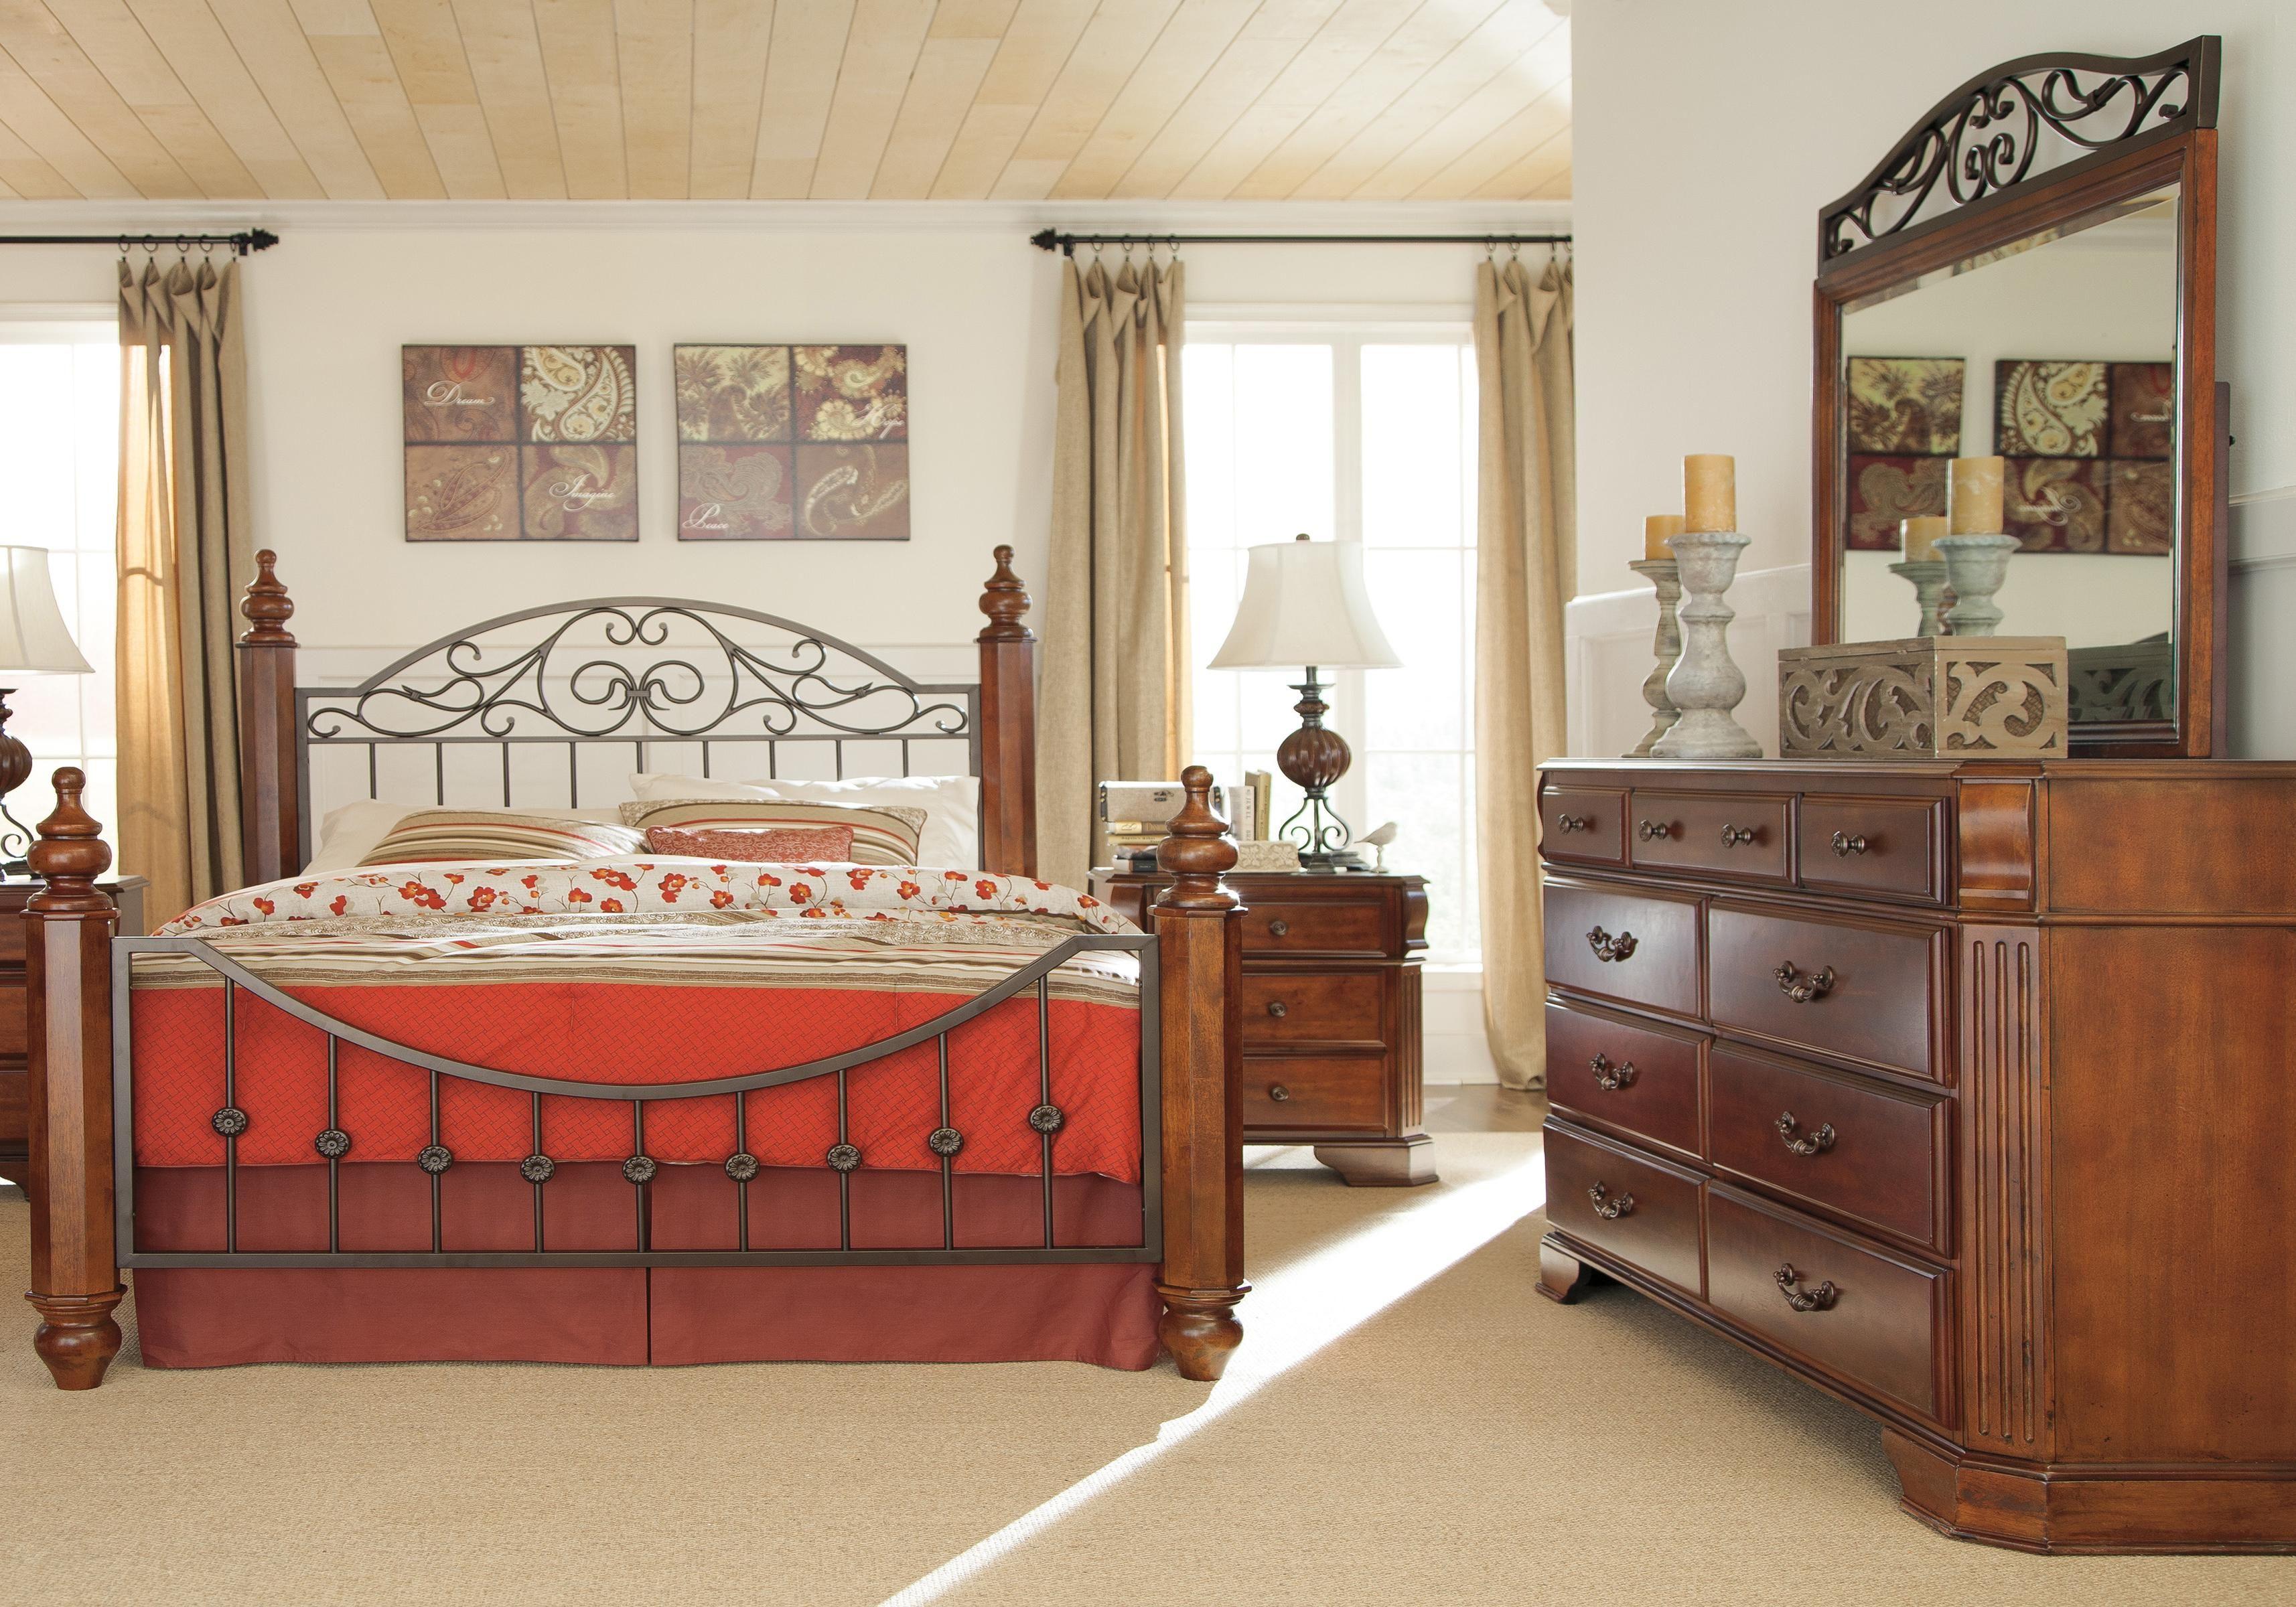 Master bedroom furniture   Piece Queen Bedroom Group  Furniture  Pinterest  Queen bedroom